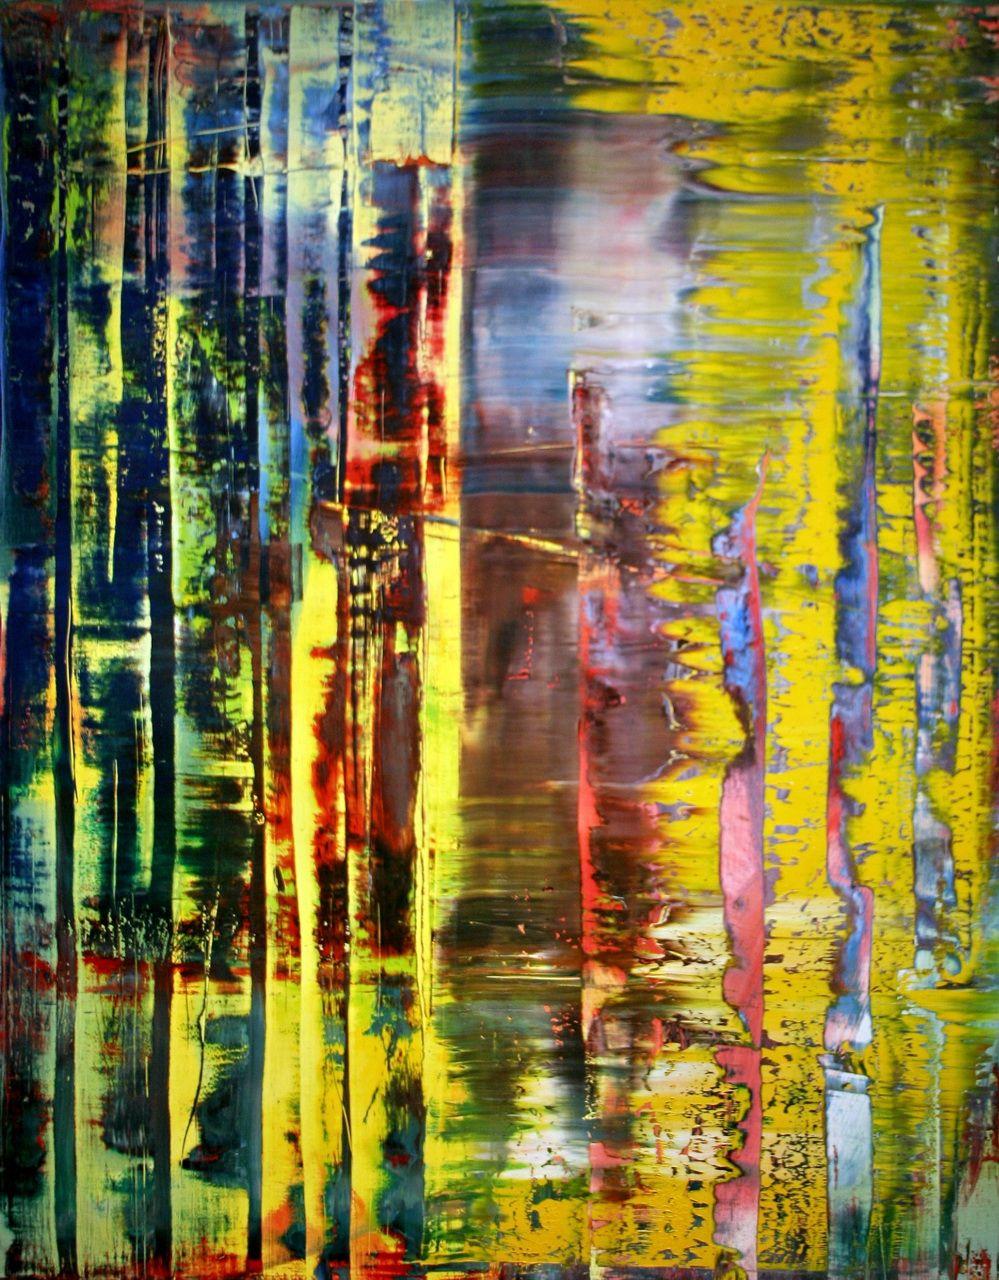 abstract painting 780 1 1992 by gerhard richter abstrakt abstrakte malerei kunst gemalde bild frau bilder blau